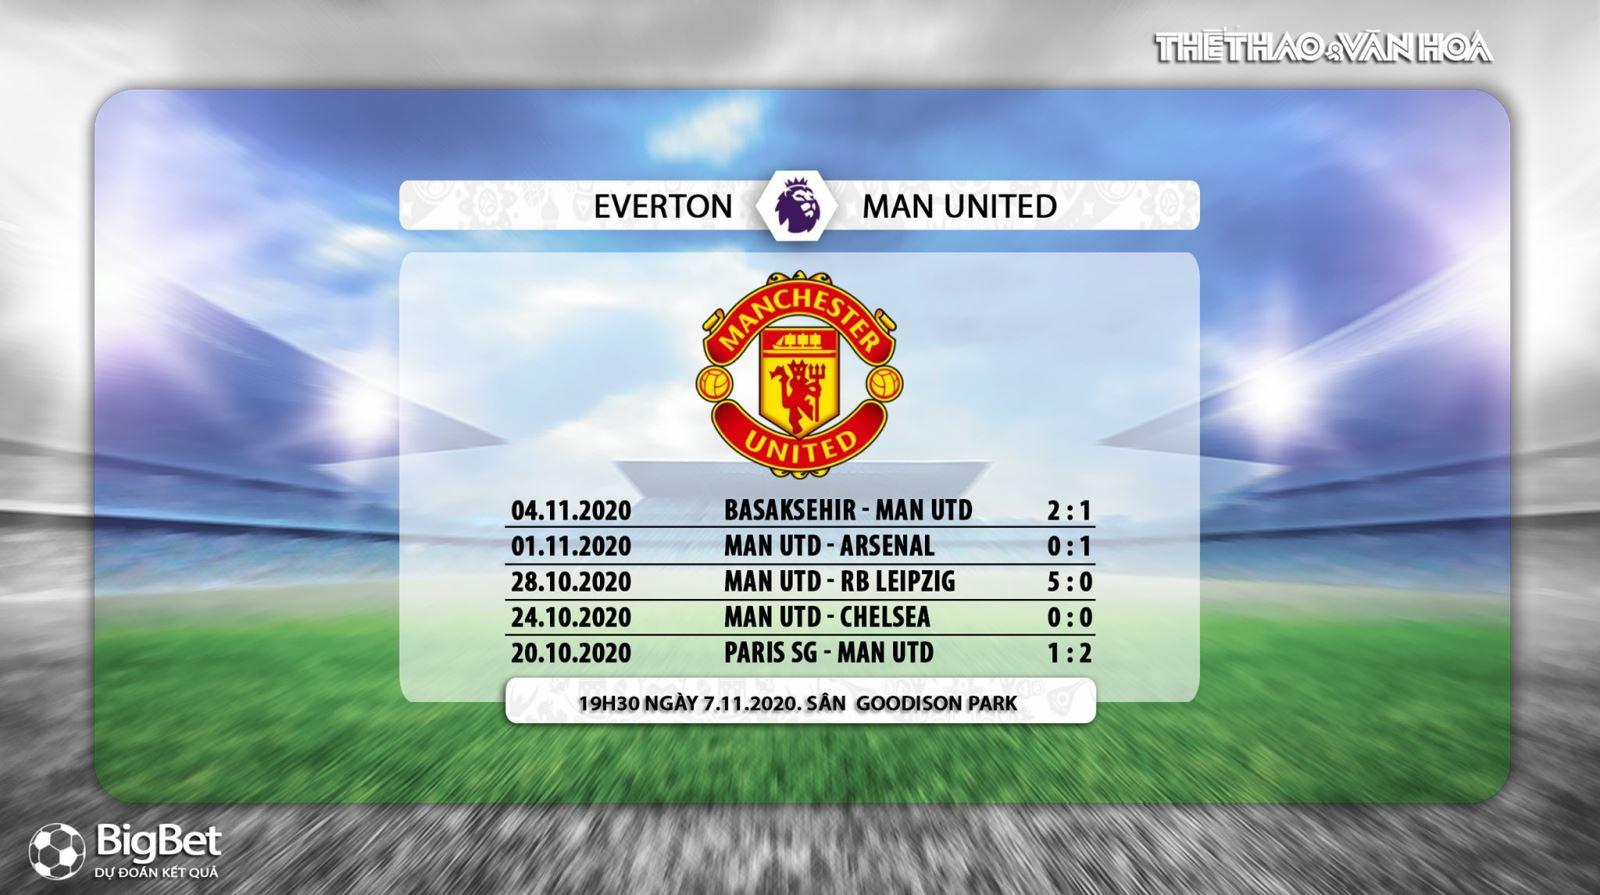 Truc tiep bong da. K+PM. Everton vs MU. Ngoại hạng Anh. Kèo nhà cái. Xem K+. Trực tiếp Premier League vòng 8. Trực tiếp K+ PM. Xem bóng đá trực tuyến MU đấu với everton